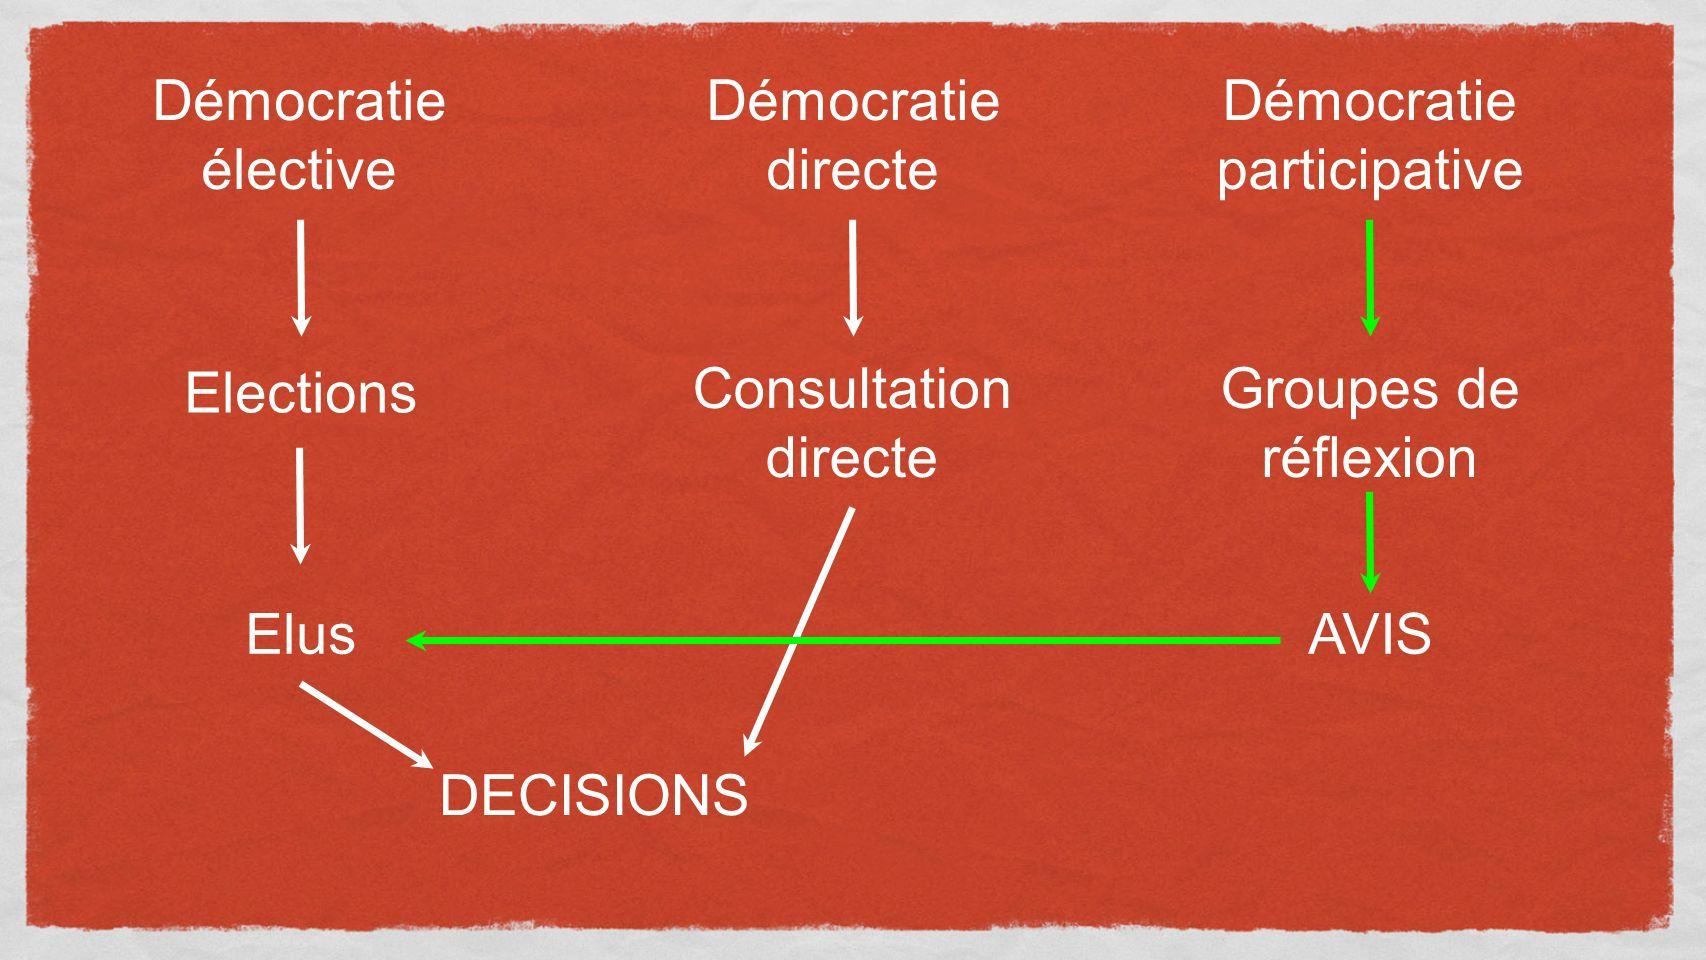 Démocratie élective Démocratie directe Démocratie participative Elections Elus DECISIONS Consultation directe Groupes de réflexion AVIS